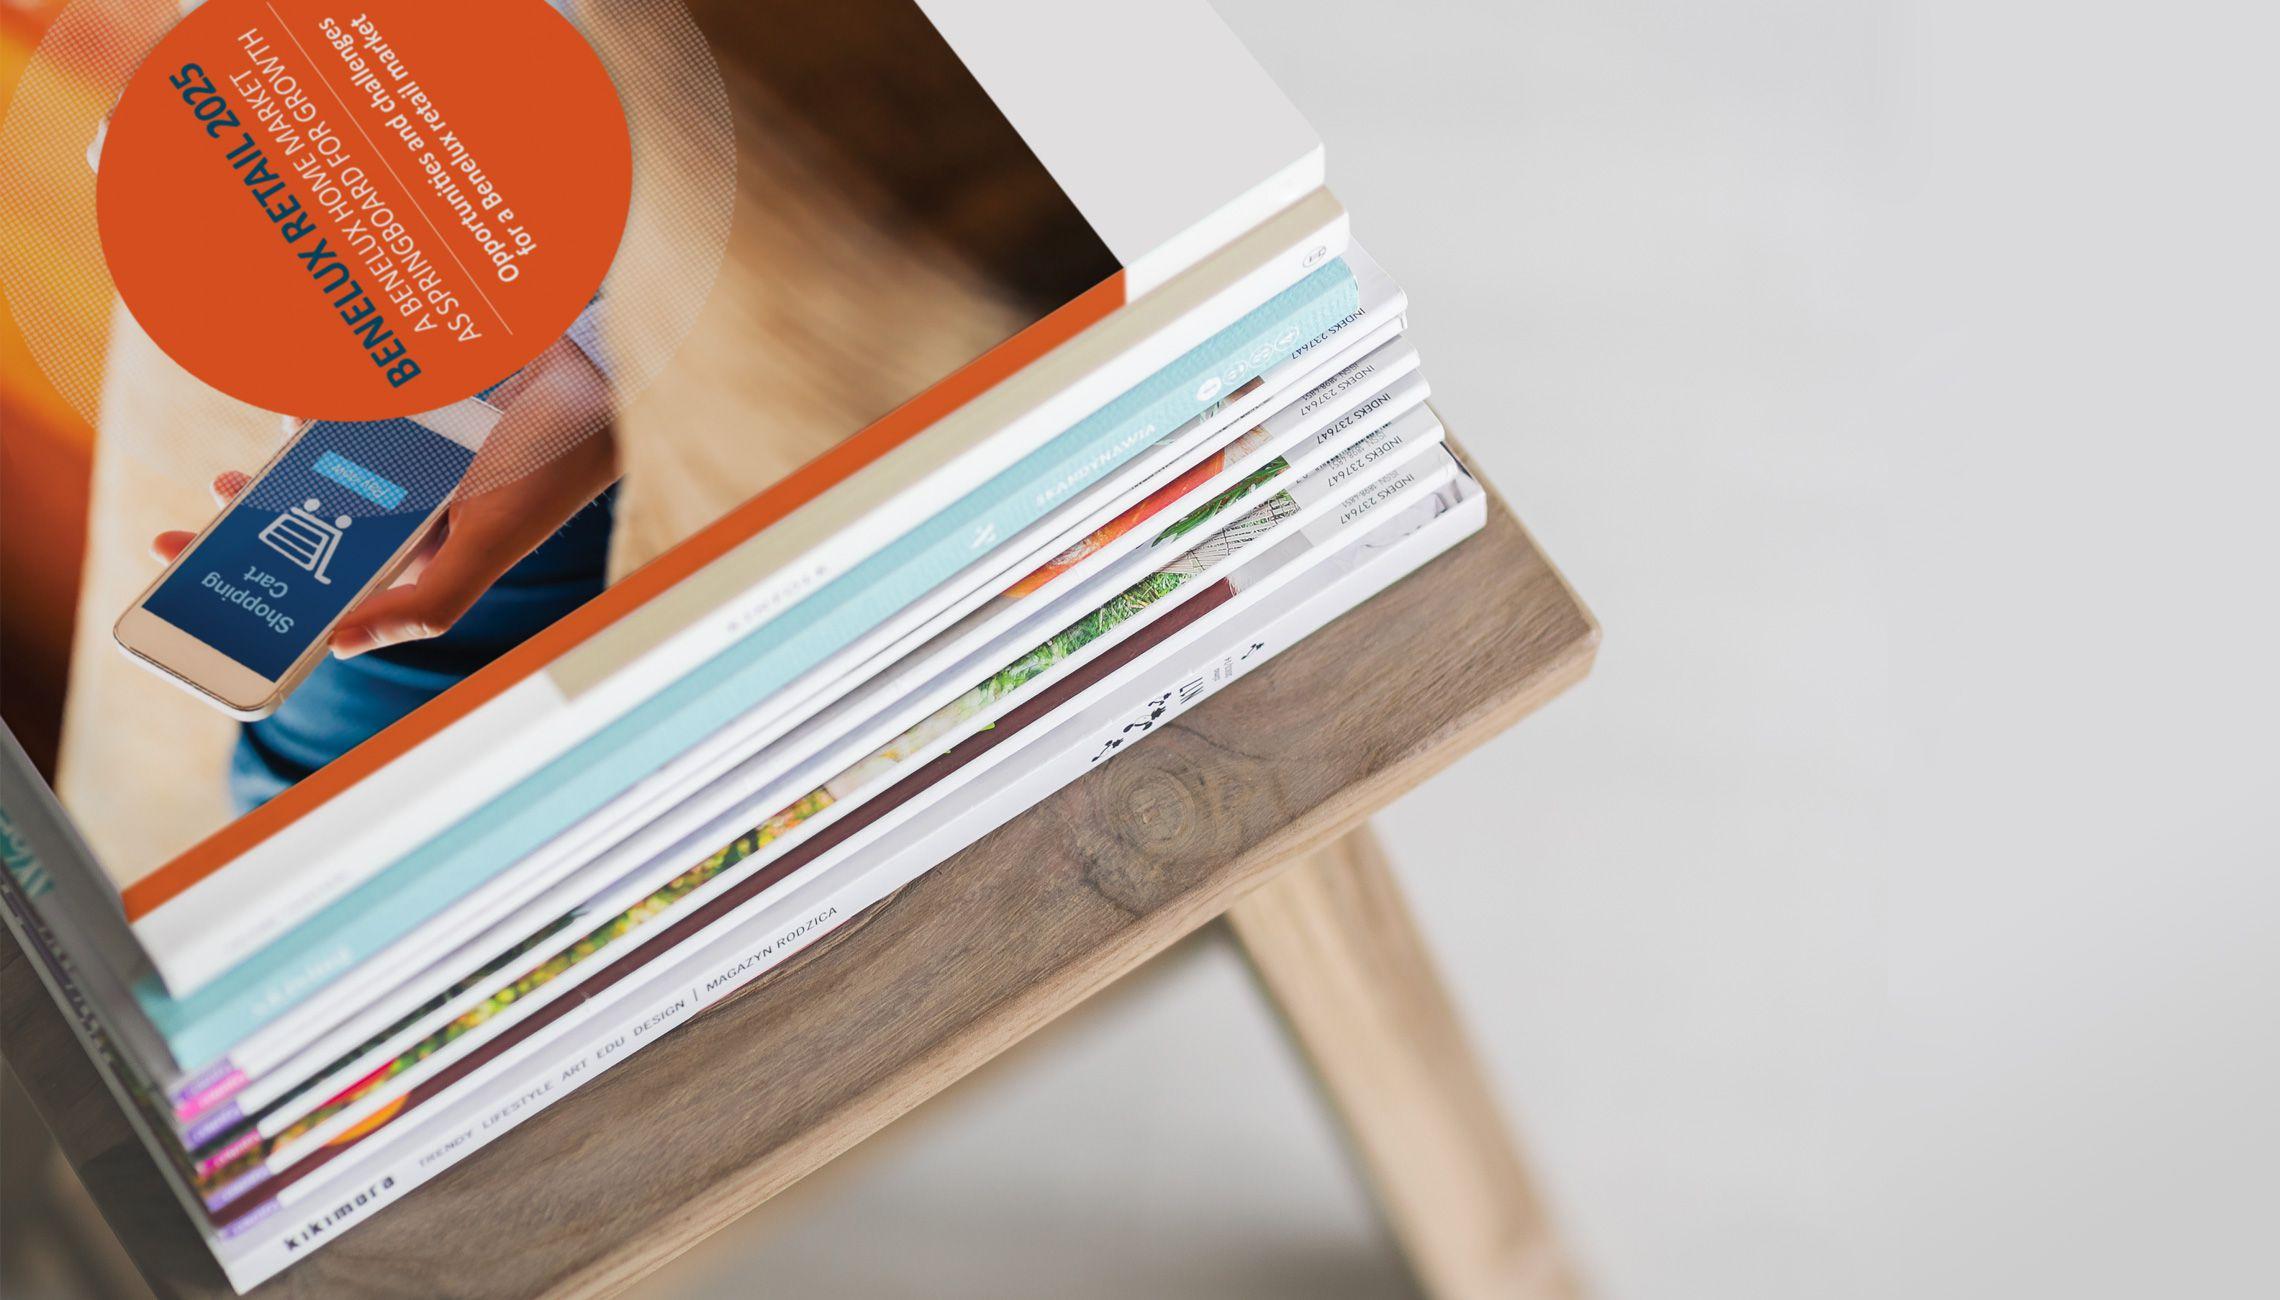 publication: BENELUX retail 2025 - image 1